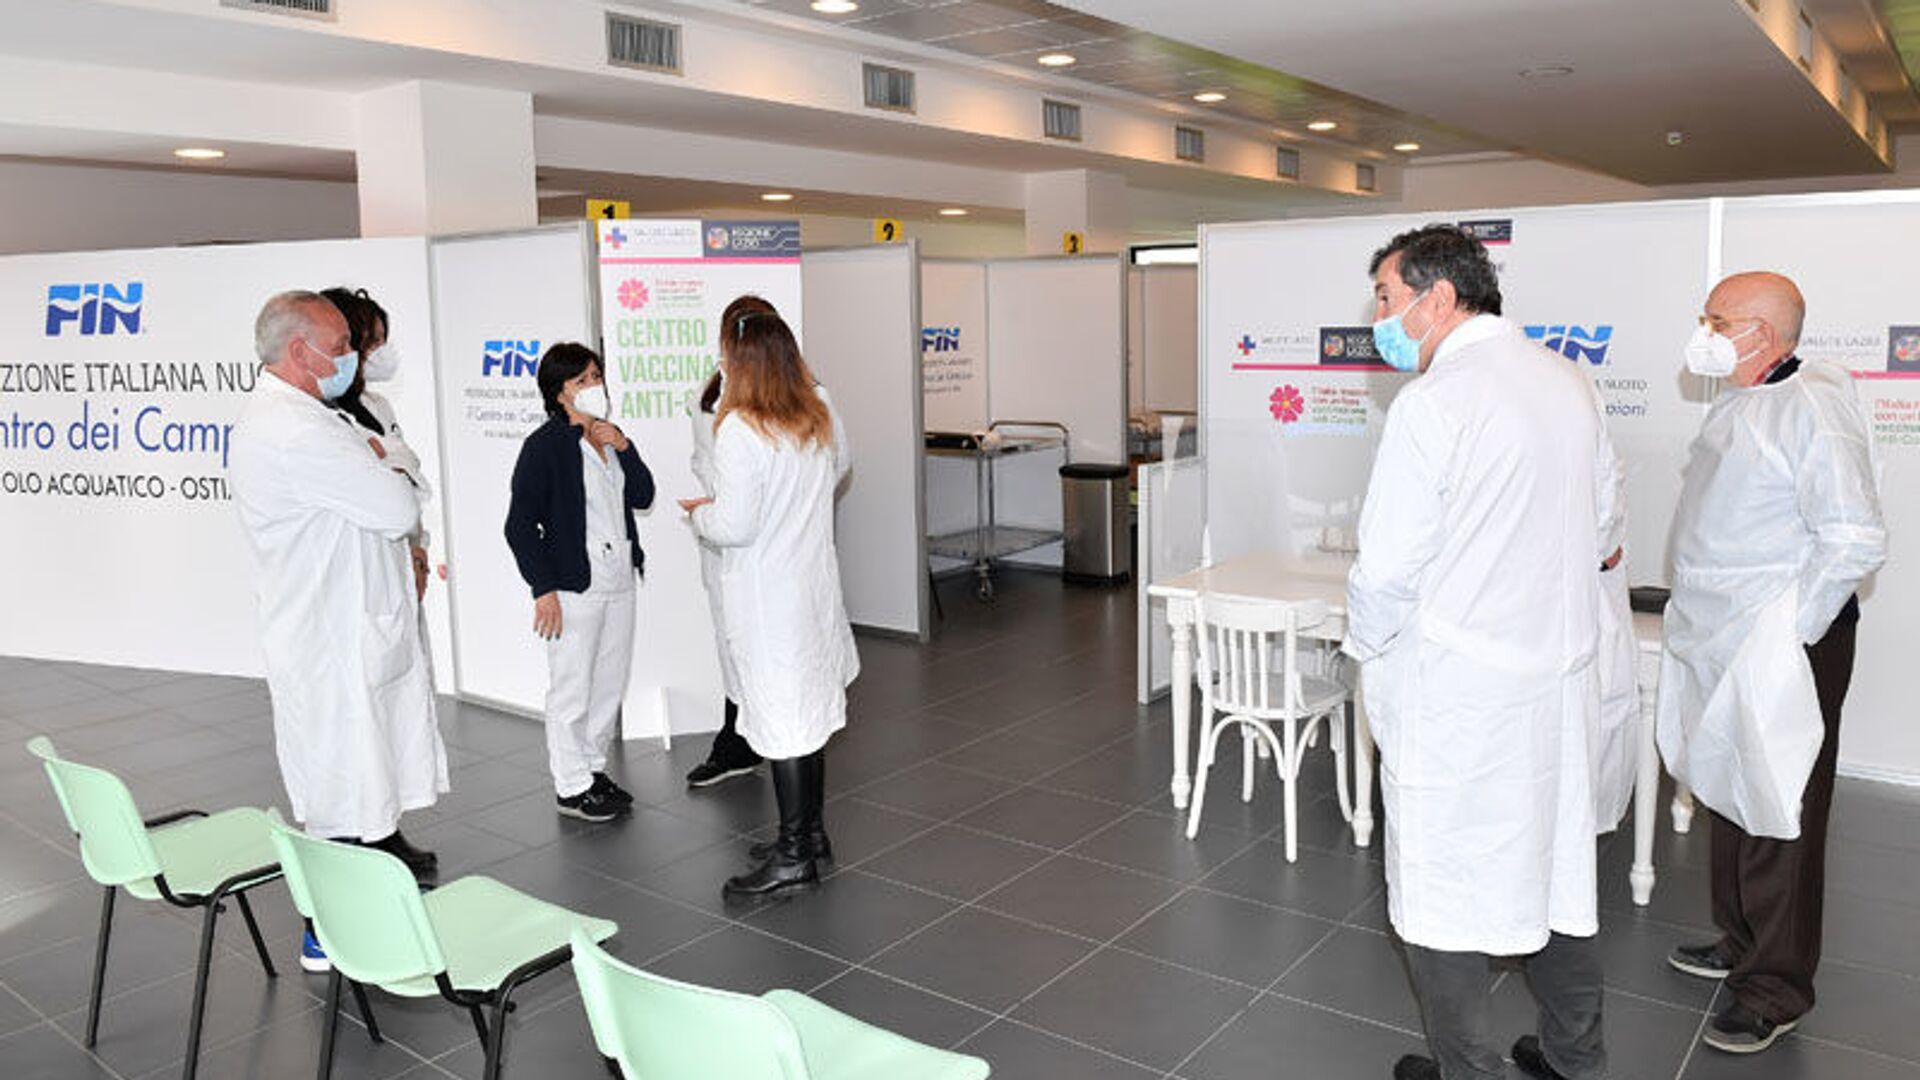 Hub Vaccinale Regione Lazio presso il Centro Federale FIN - Polo Acquatico Frecciarossa Ostia  - Sputnik Italia, 1920, 09.06.2021